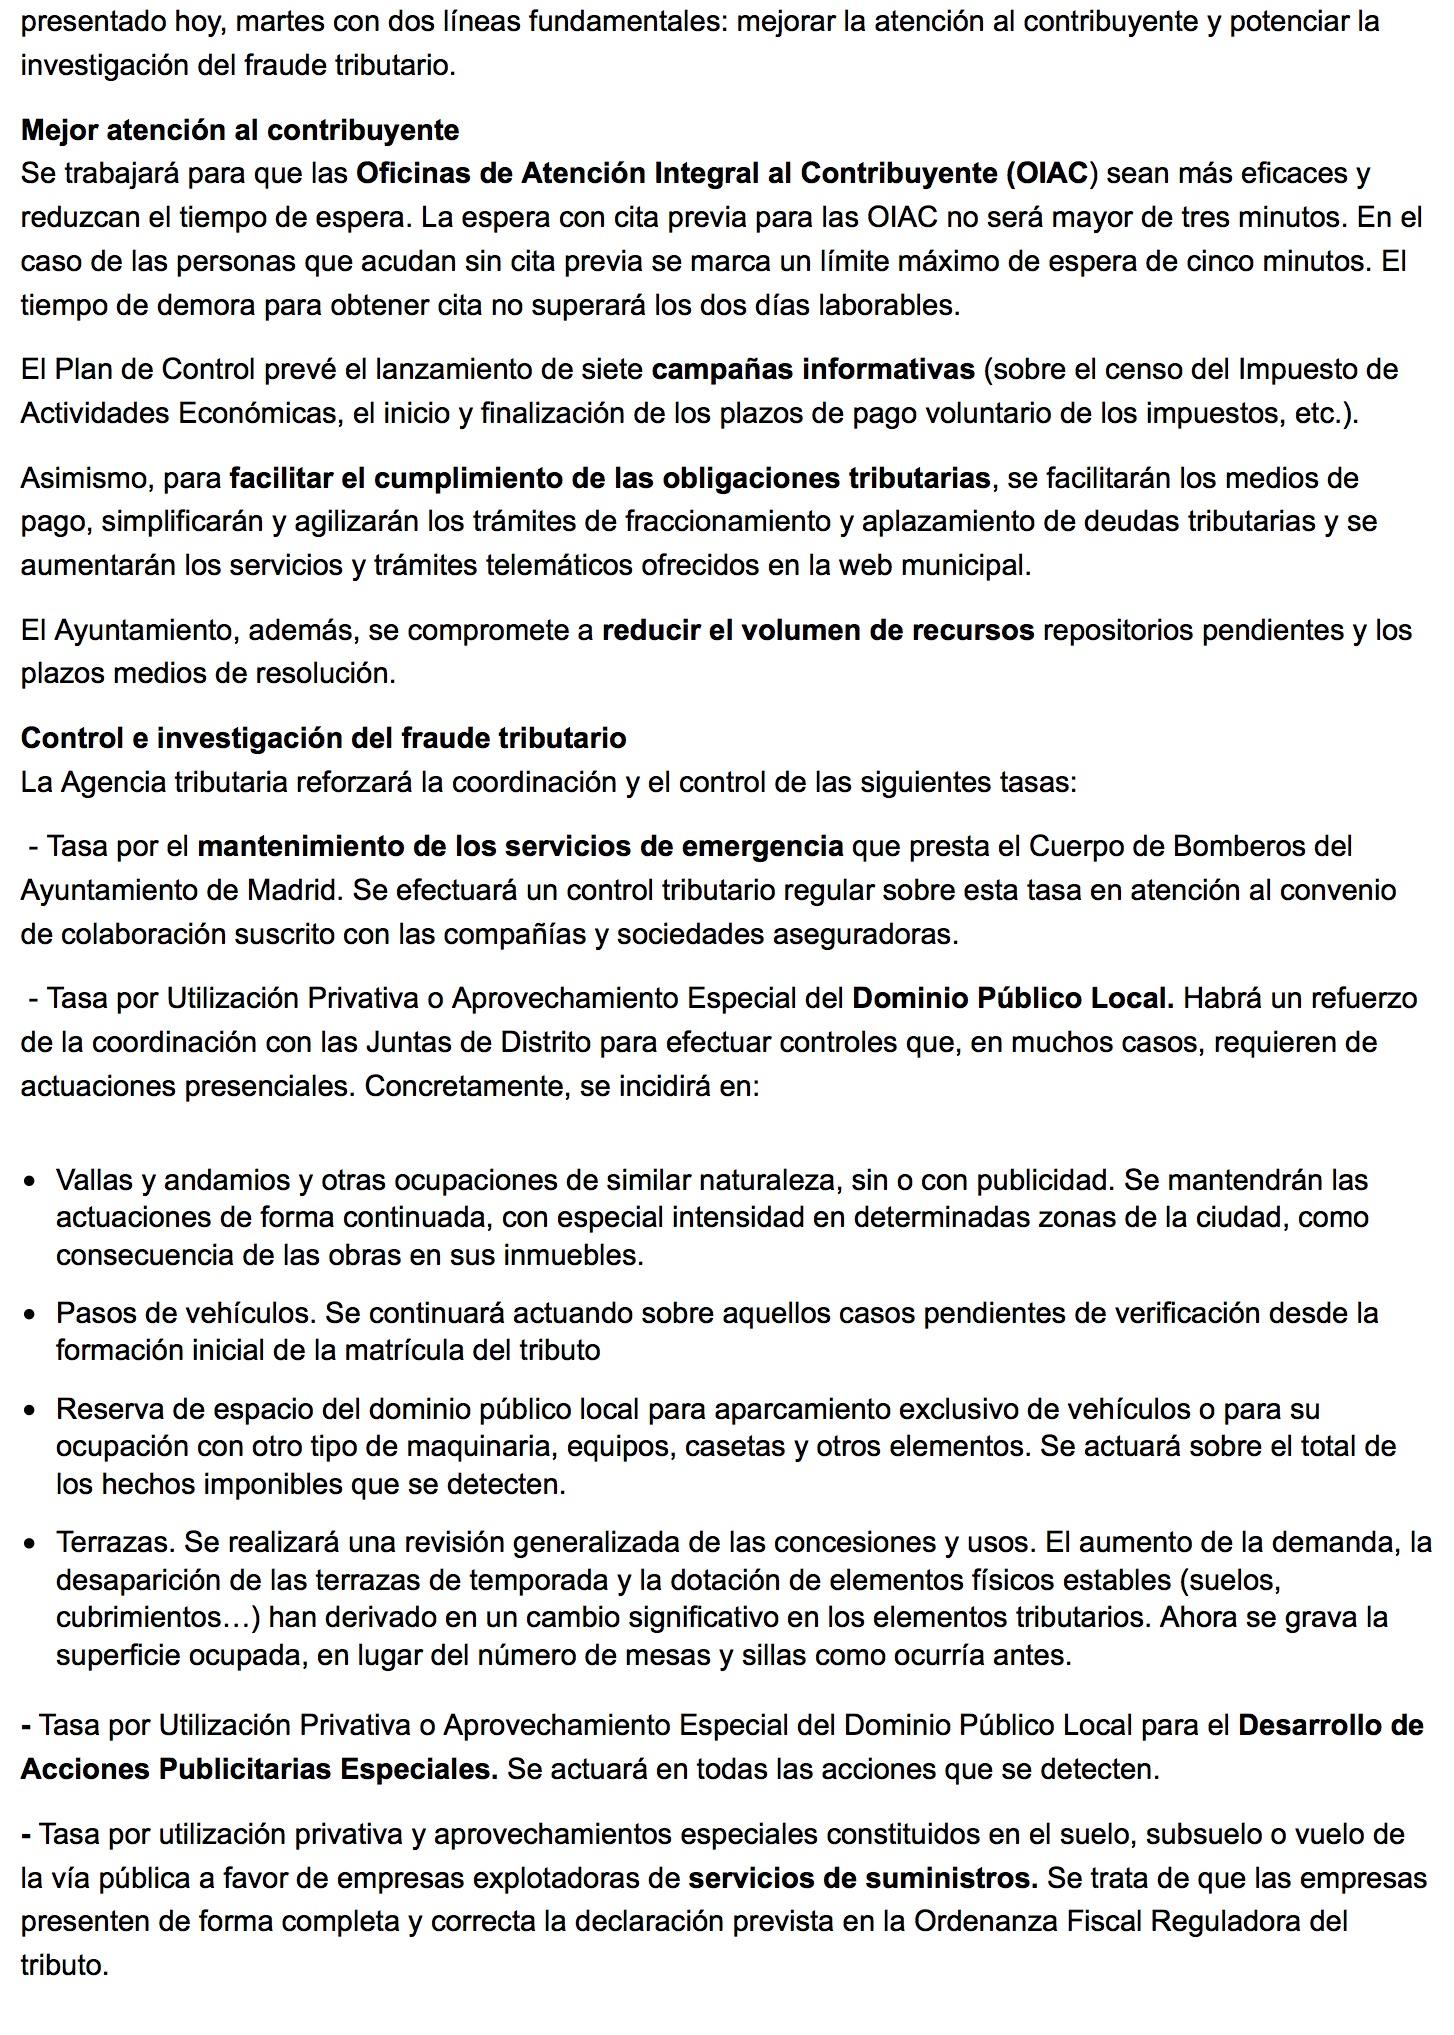 Plan de Control Tributario 2016 2 - Ayuntamiento de Madrid